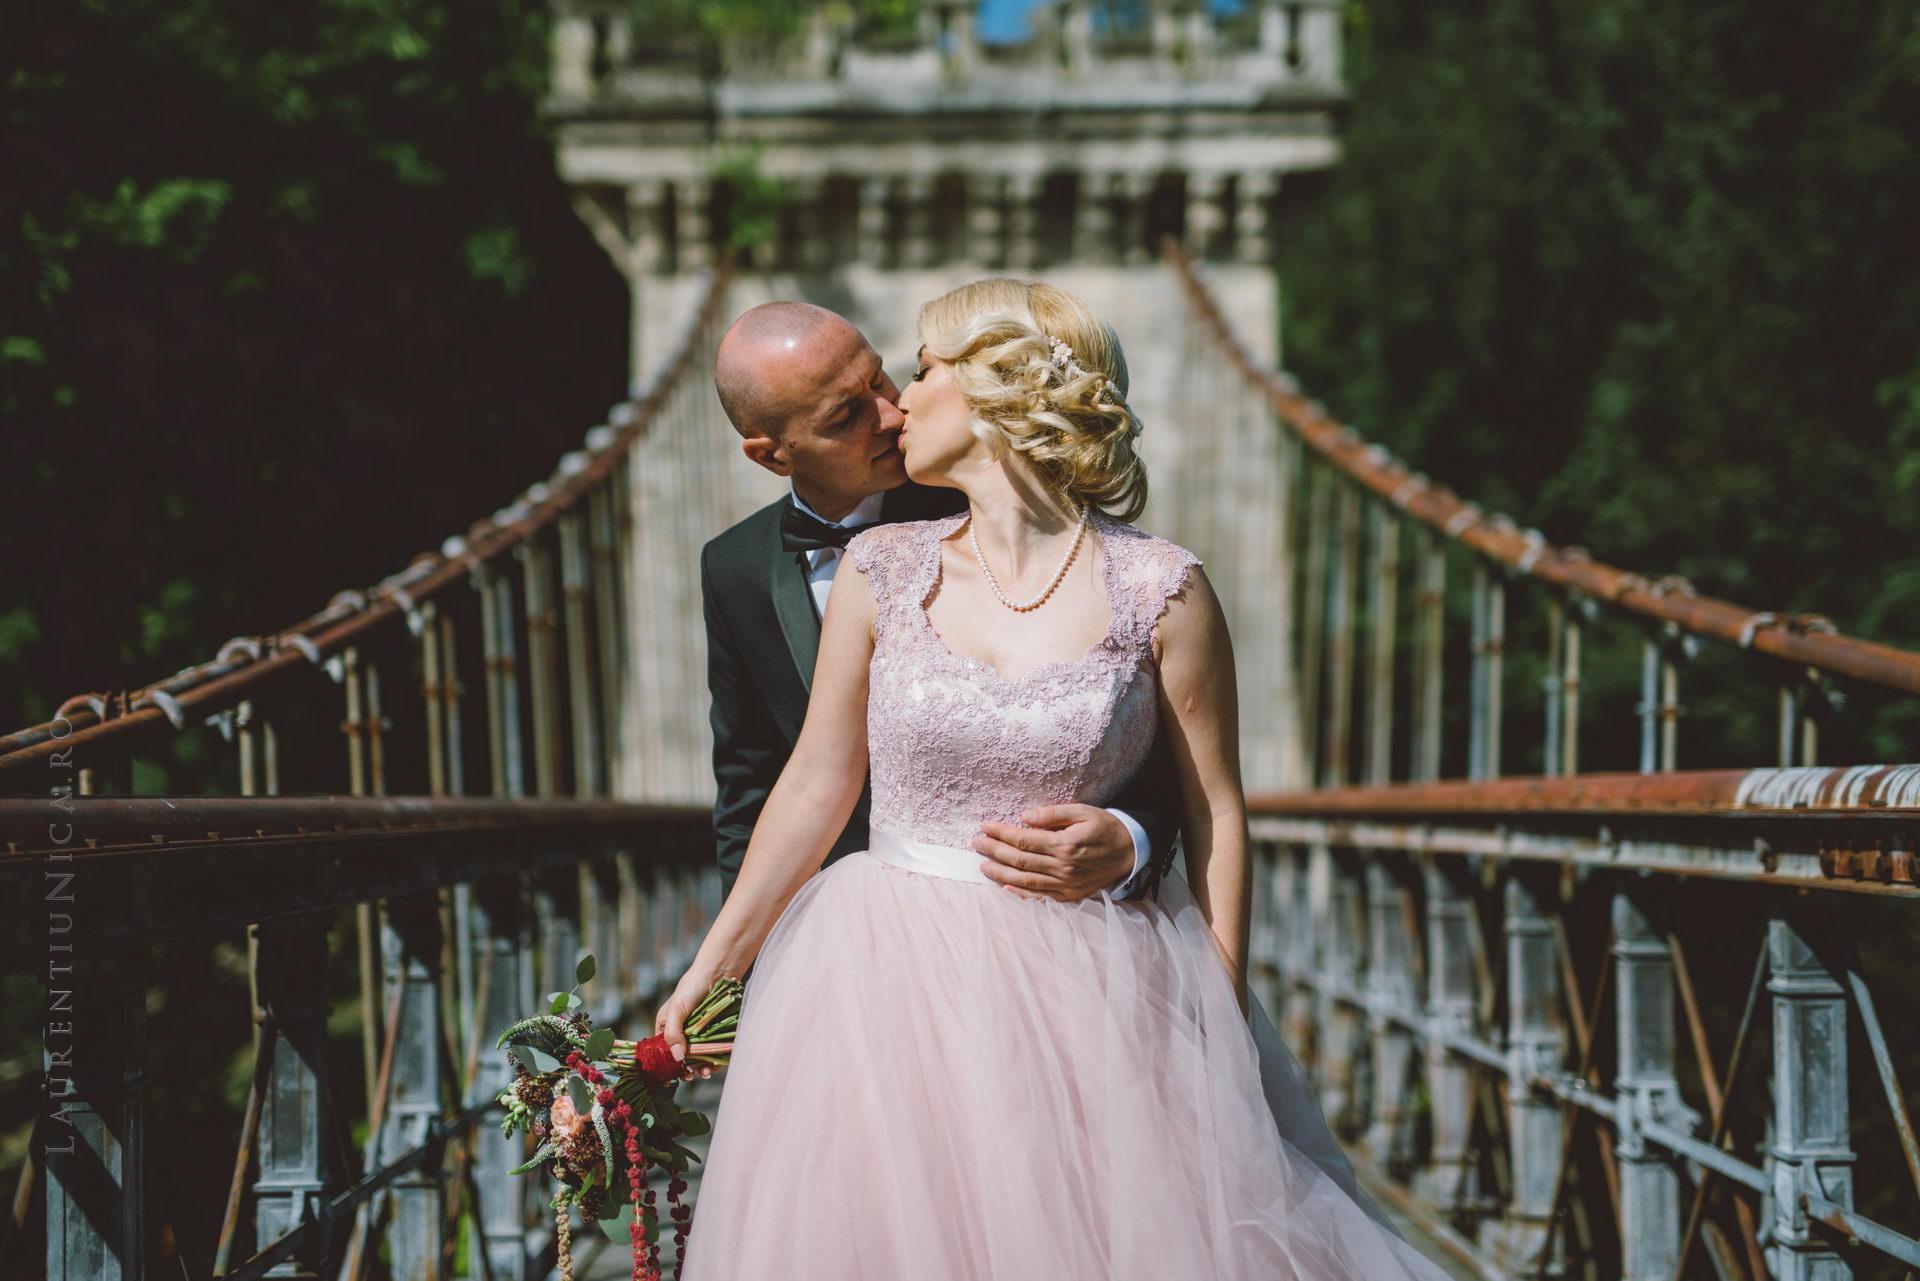 lavinia si adi fotograf laurentiu nica craiova 034 - Lavinia & Adi | Fotografii nunta